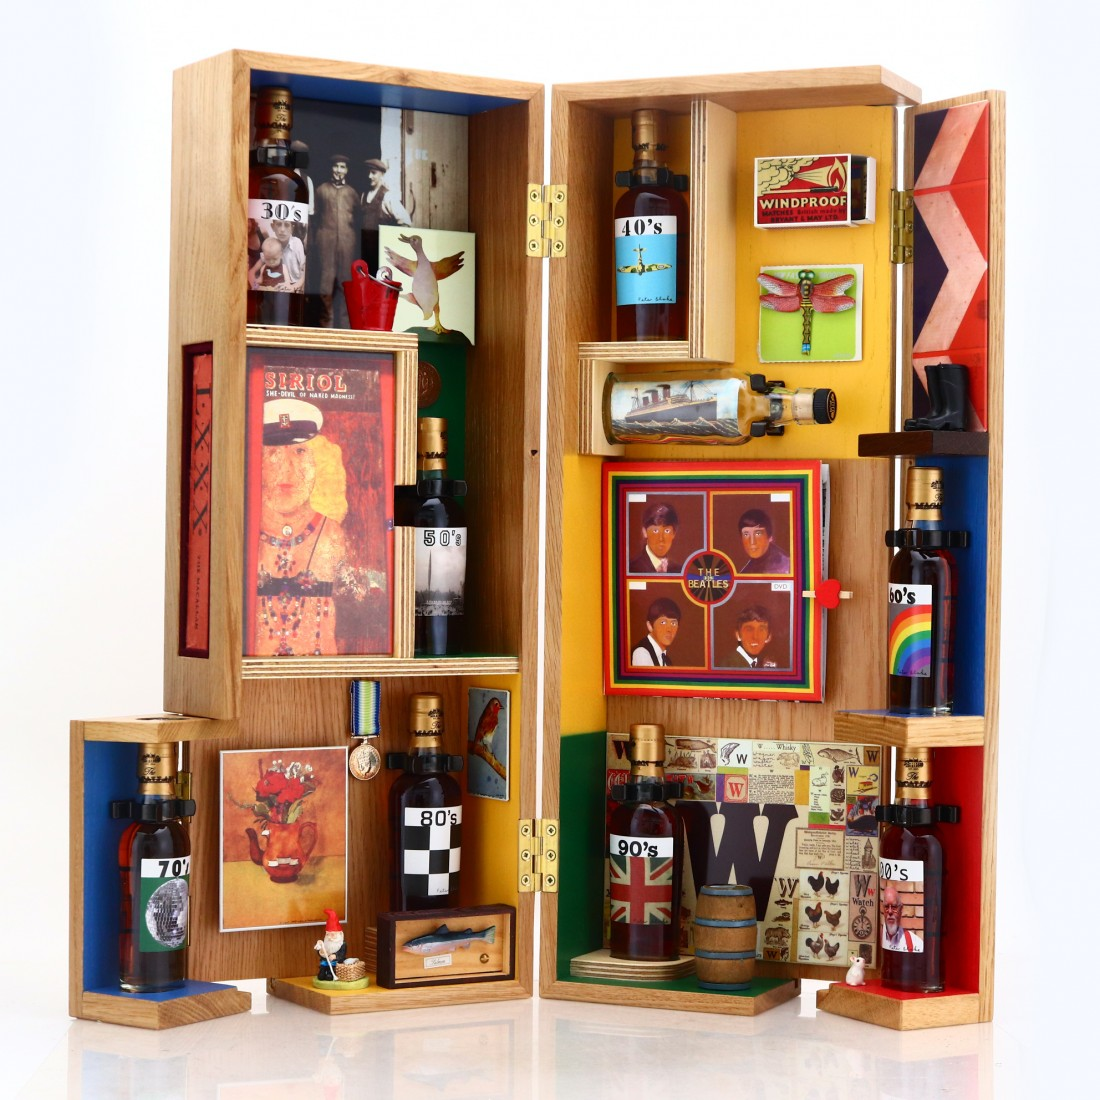 Macallan Blake @ LXXX Eight Decades Collection